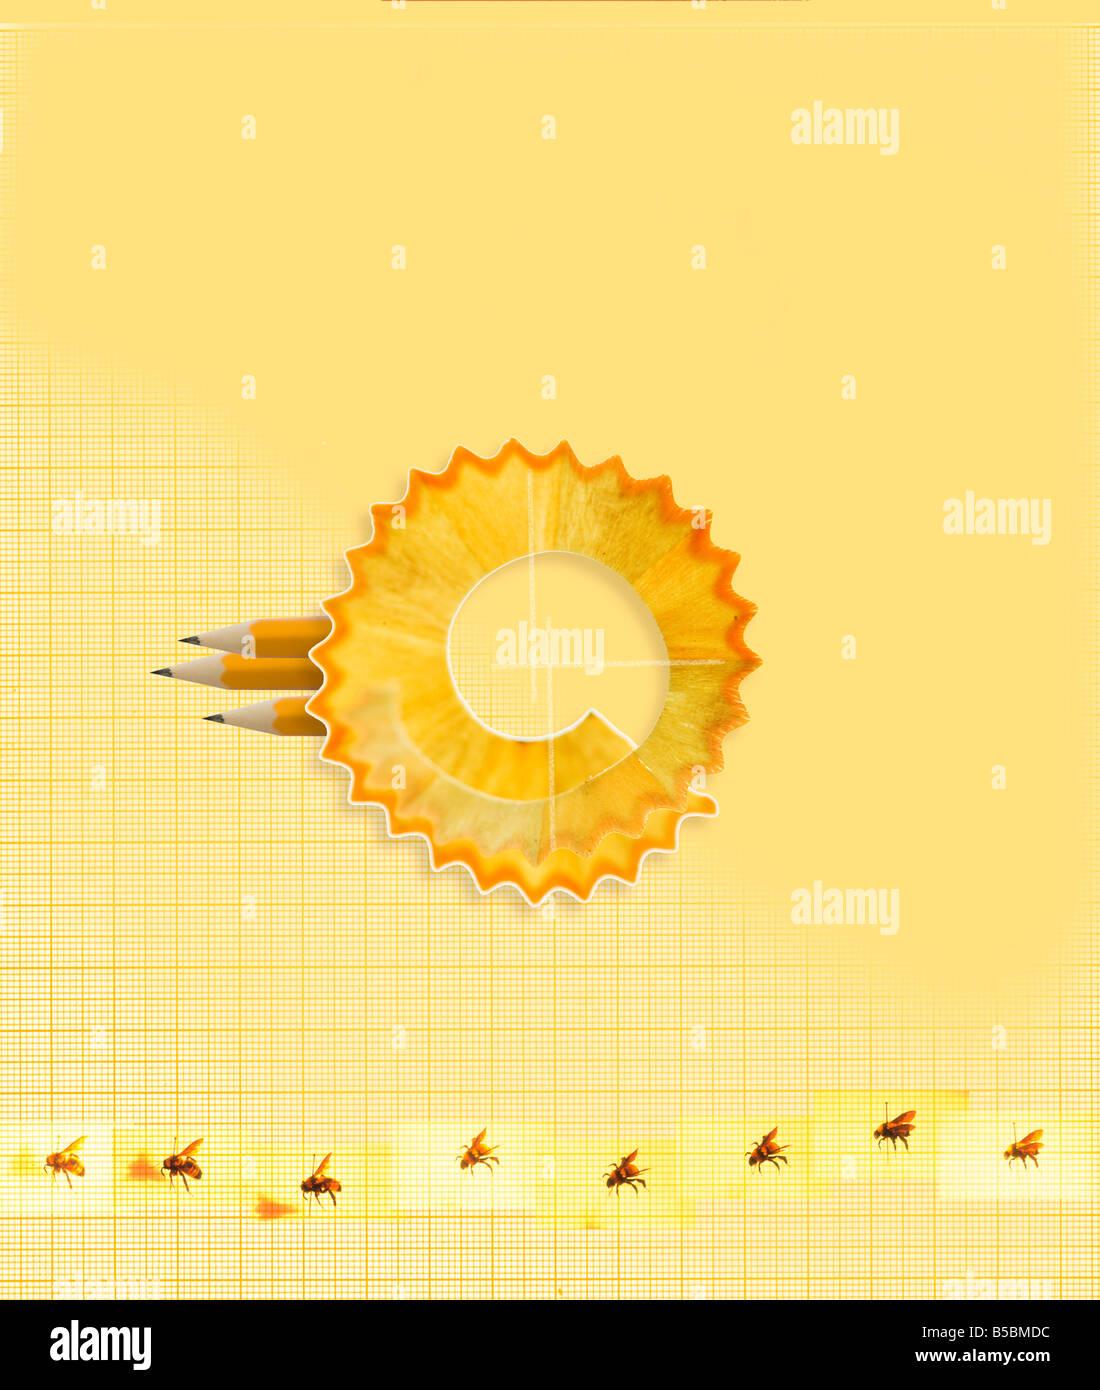 Pencil Matita piombo trucioli grafico modello di cerchio di carta api idea concept Immagini Stock